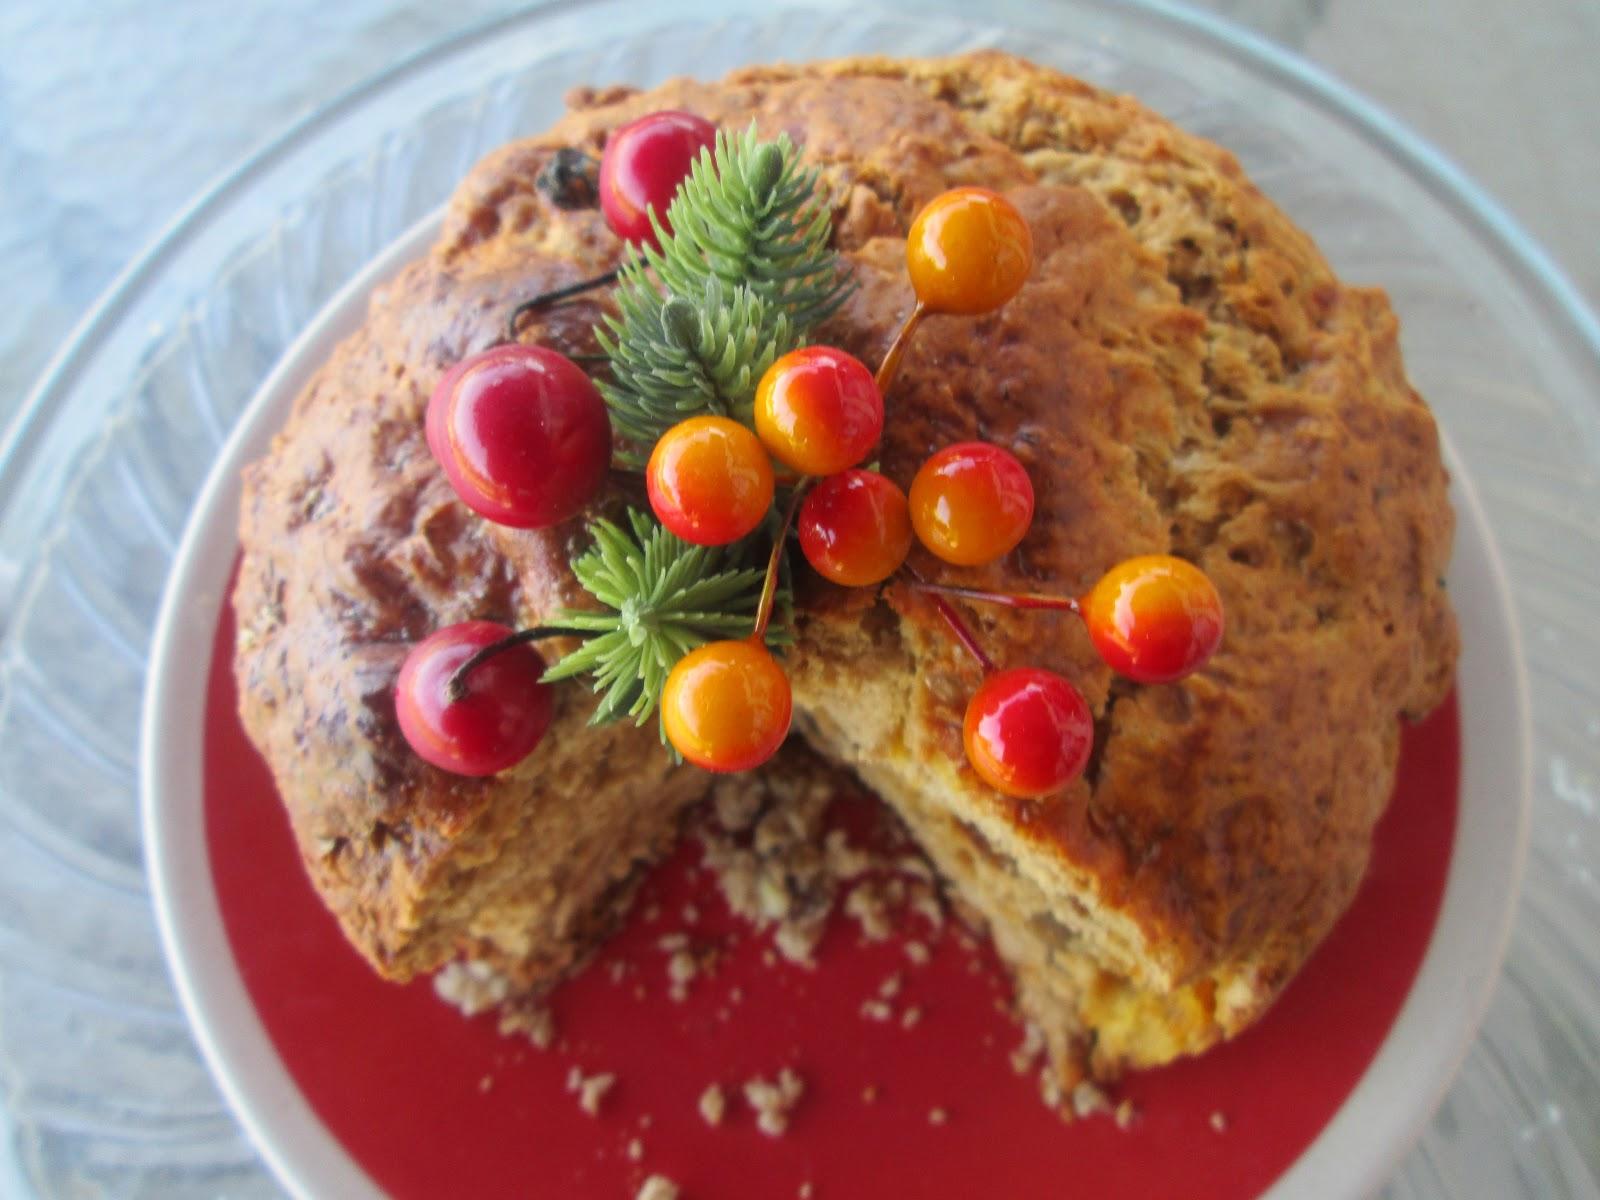 Canela kitchen: Christmas fruit Cake (Pan de Pascua de mi mamá)